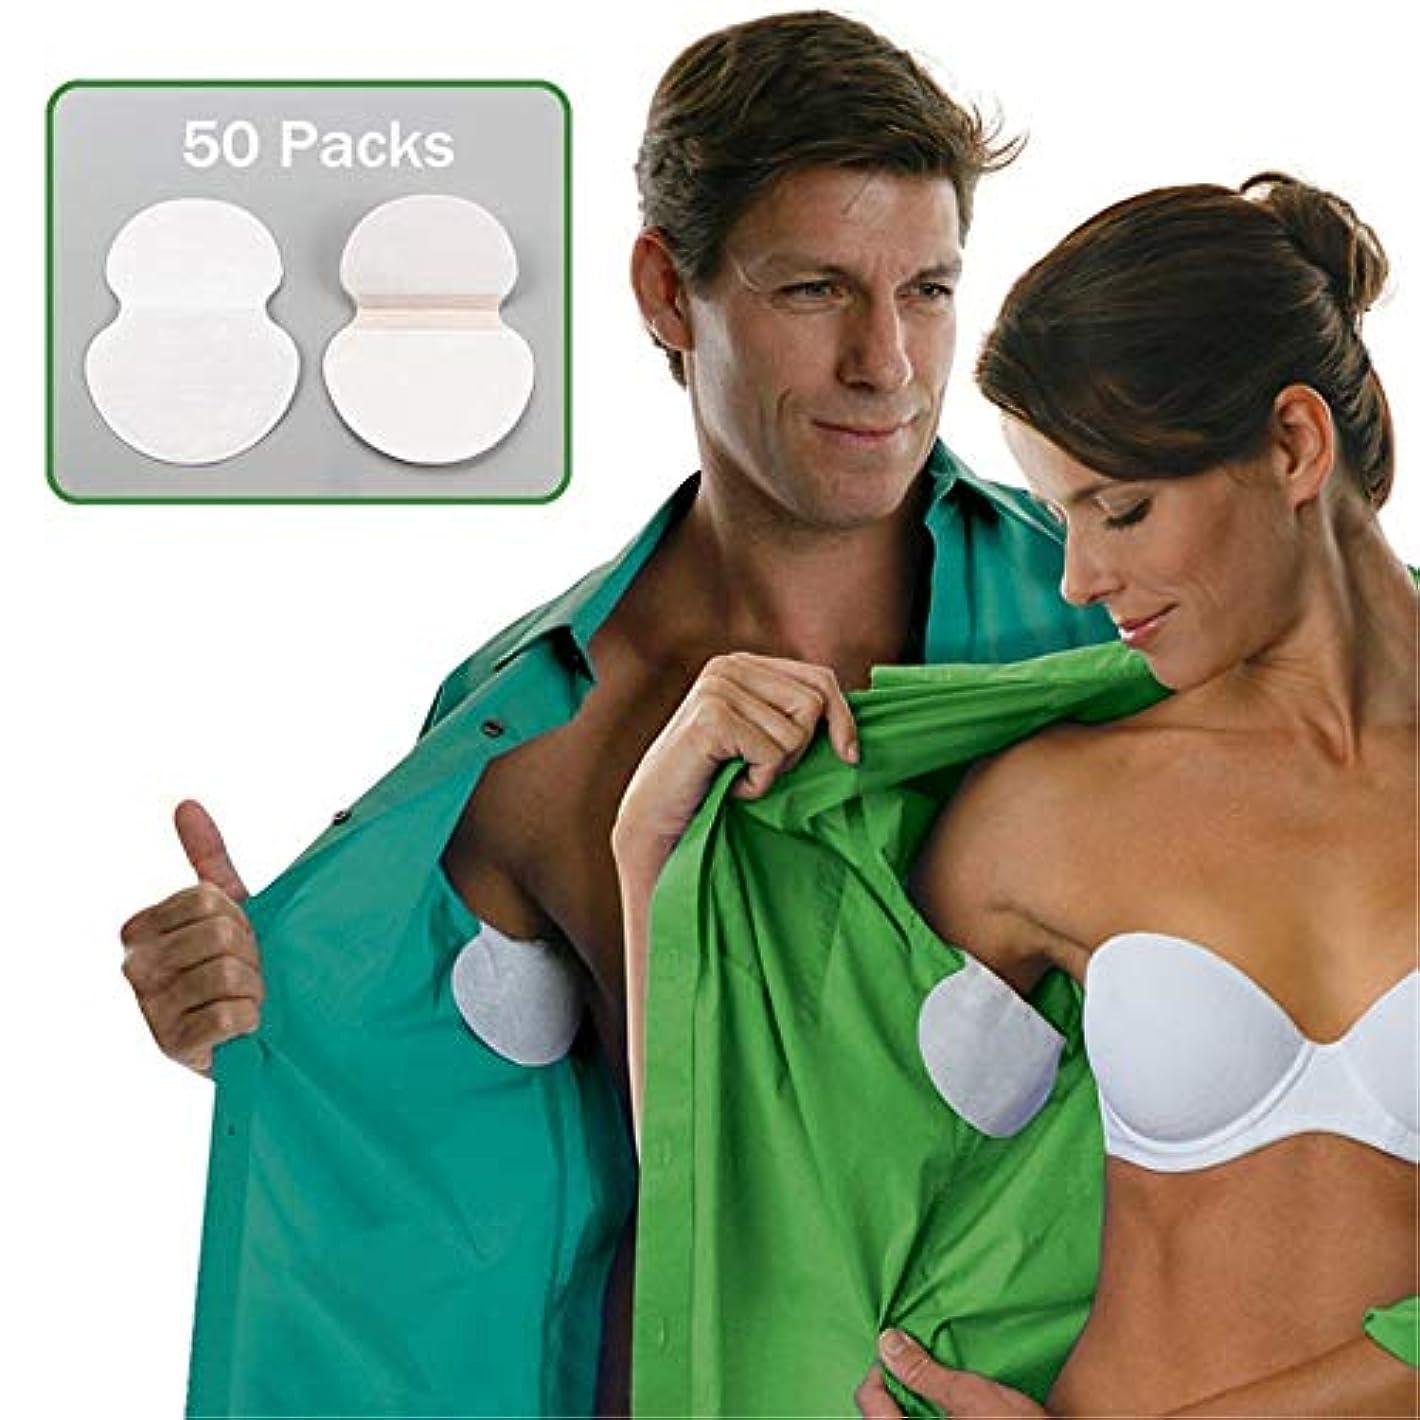 爆風ローラーご意見100pcs=50Pairs/lot Underarm Cotton Sweat Pads Disposable Armpits Antiperspirant Unisex Absorbing Deodorant Stickers...